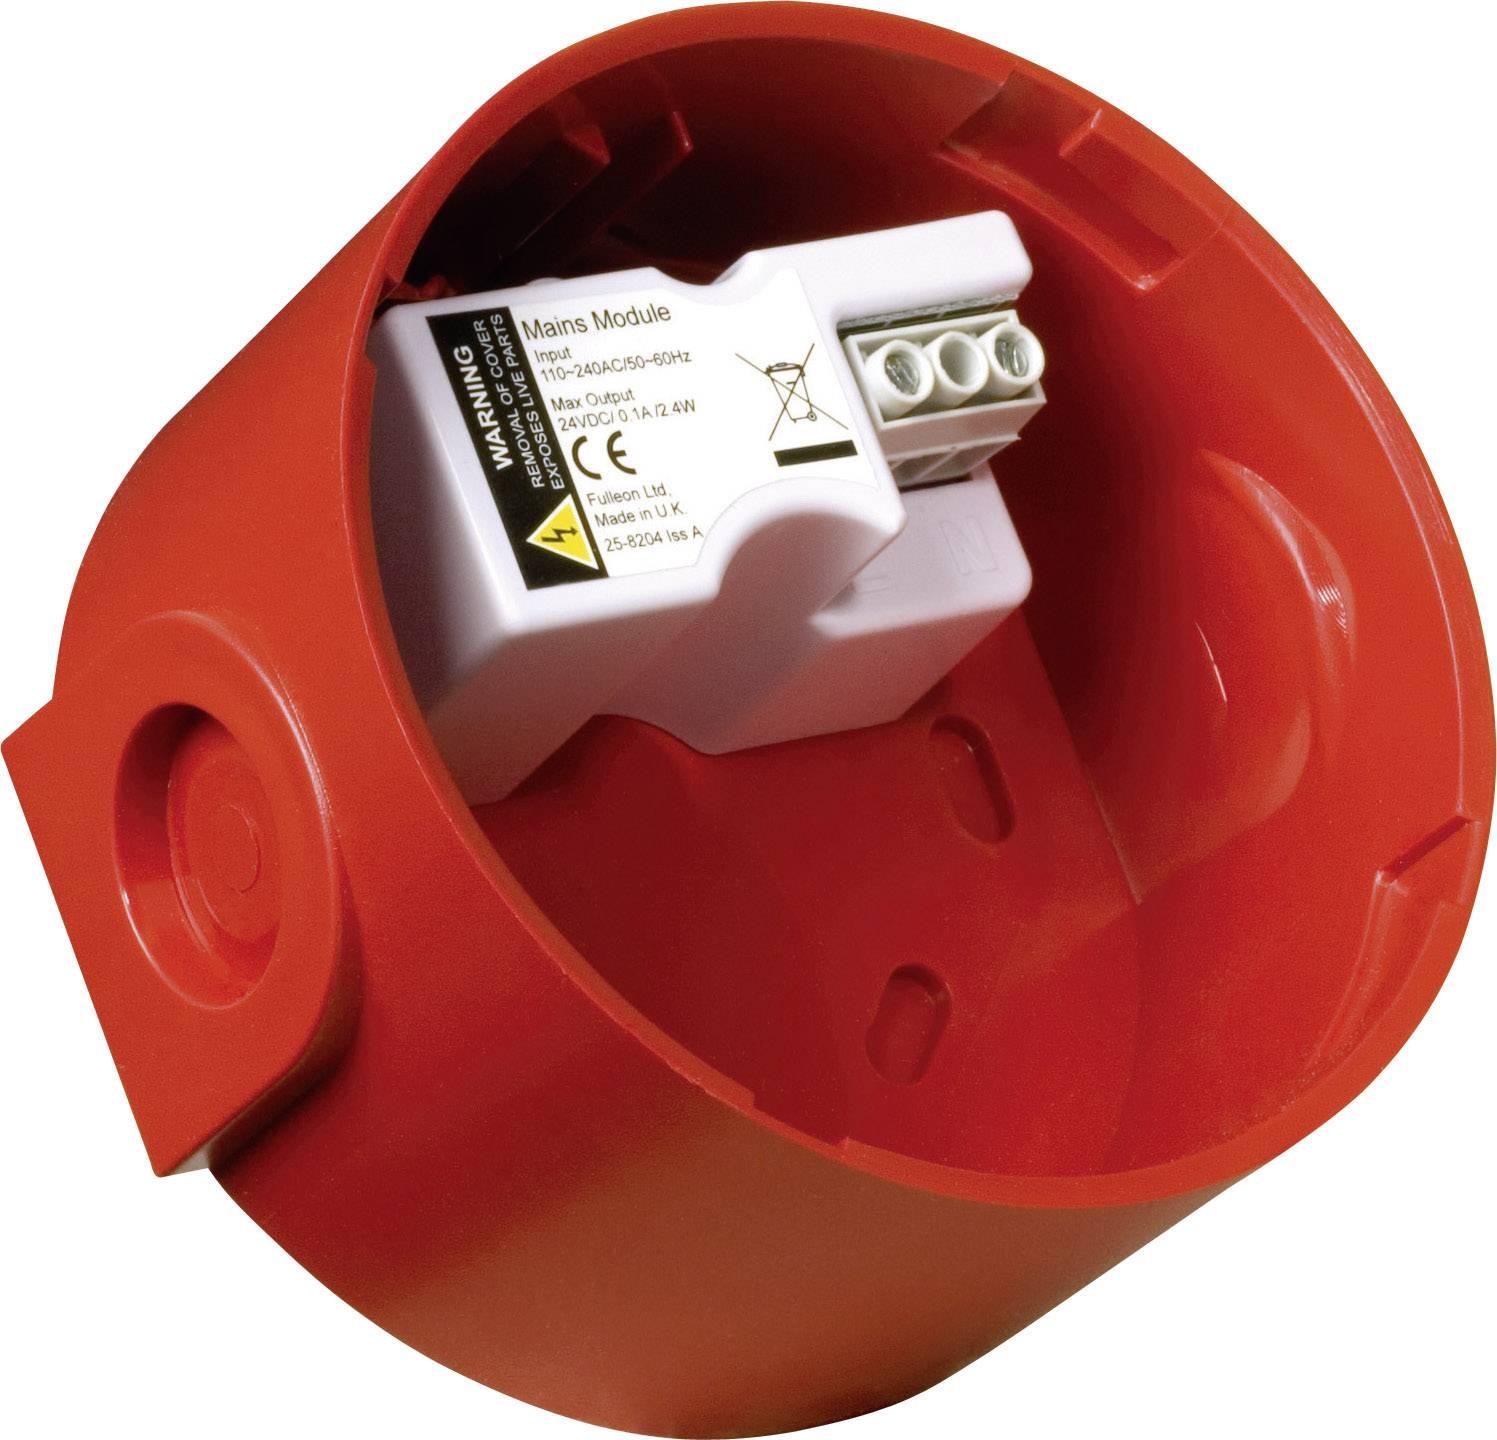 Příslušenství pro generátor signálu (Compro)